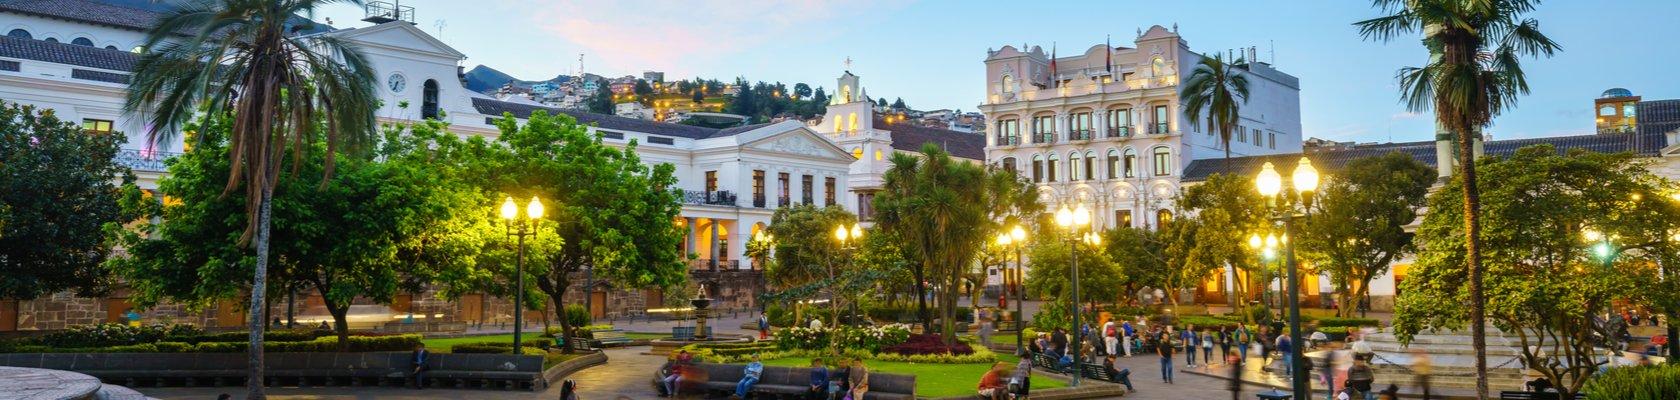 Het centrale plein van Quito